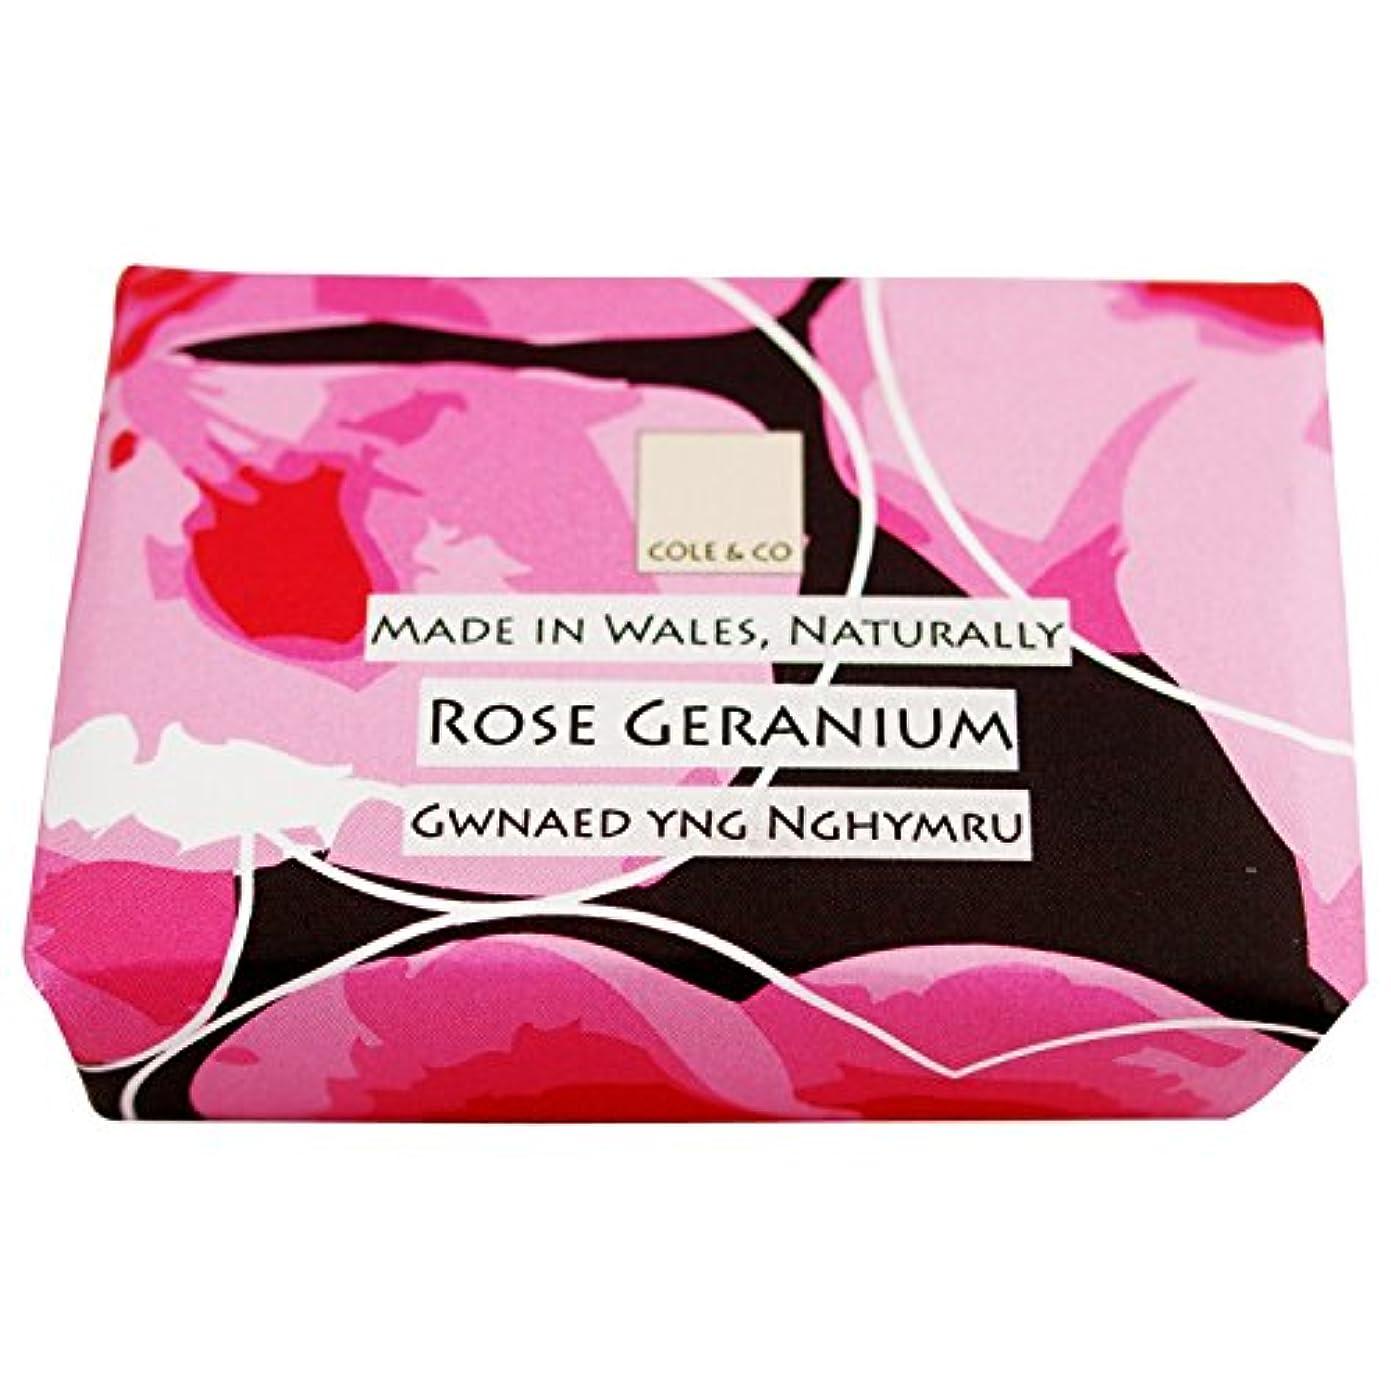 ボトルオピエートコアコール&Coはゼラニウム石鹸80グラムのバラ (Cole & Co) - Cole & Co Rose Geranium Soap 80g [並行輸入品]